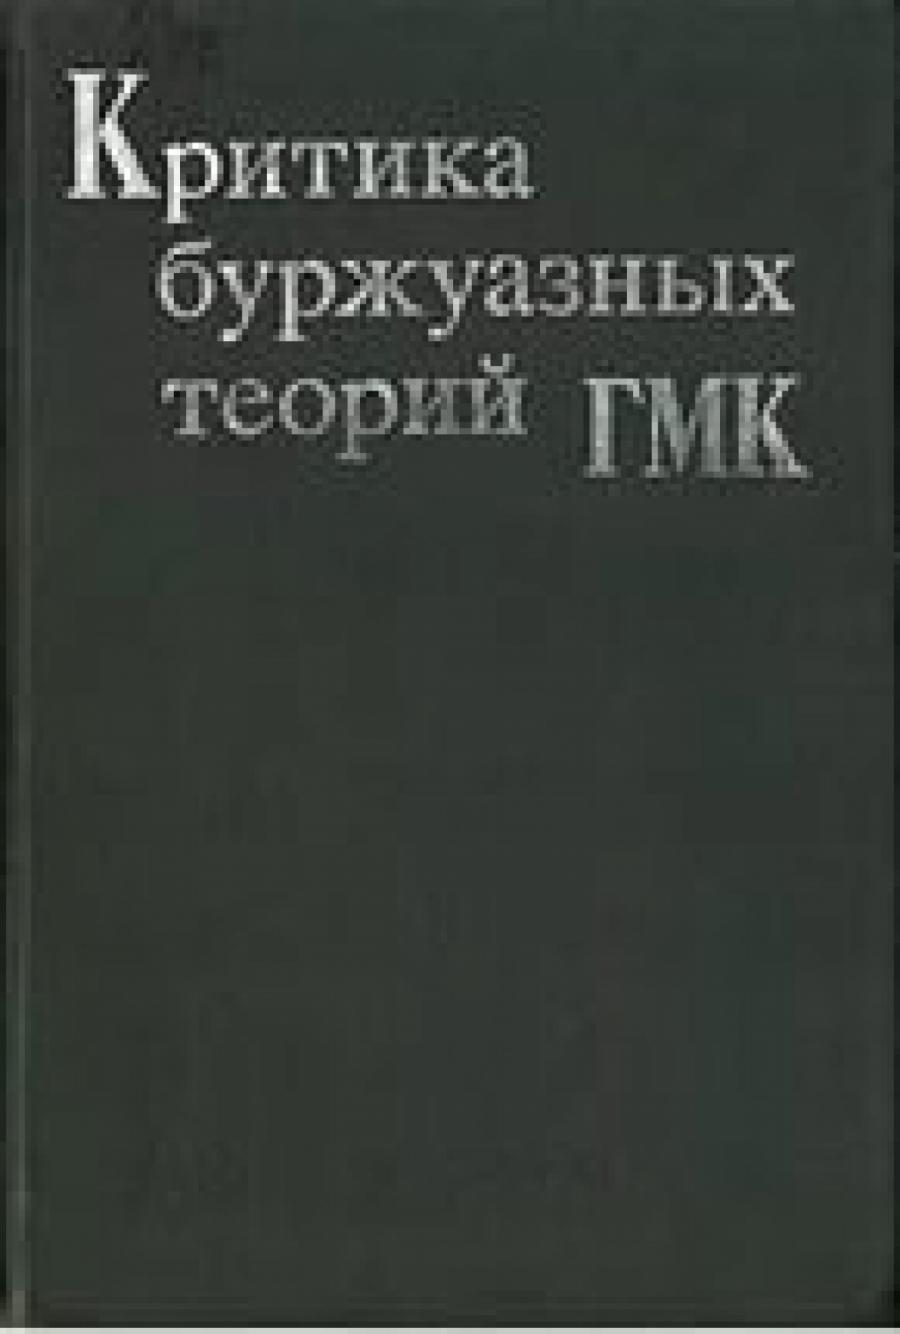 Обложка книги:  критика буржуазных теорий гмк. проблемы «смешанной экономики»